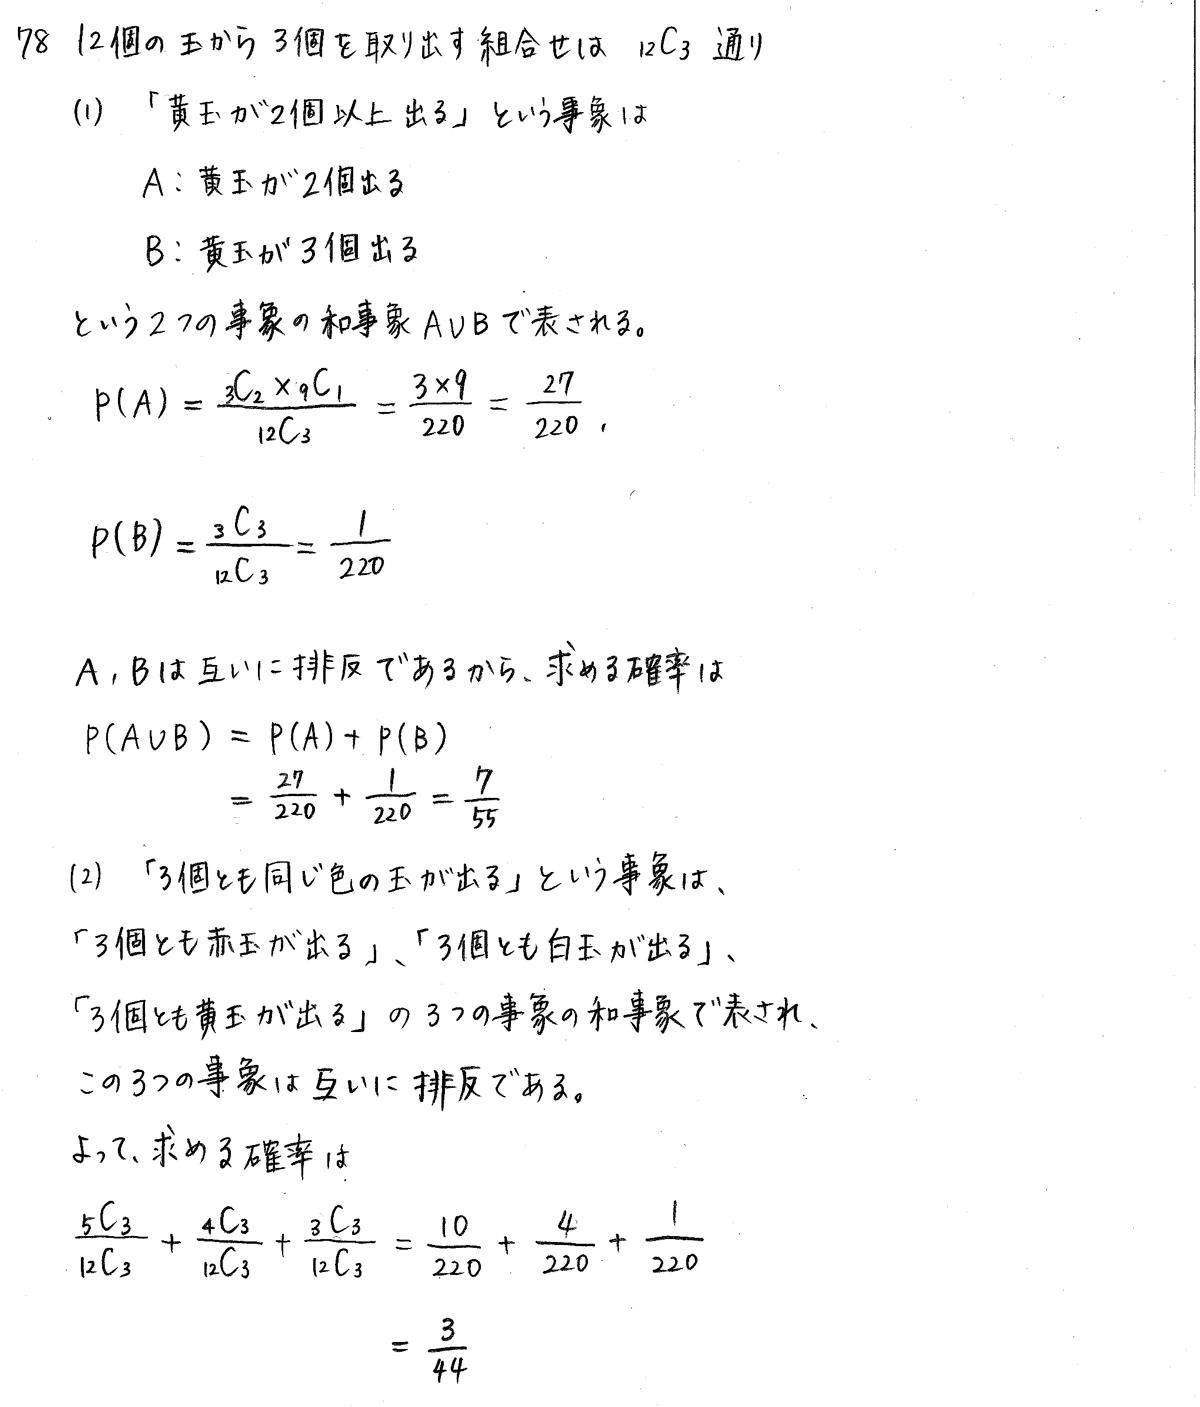 クリアー数学A-78解答